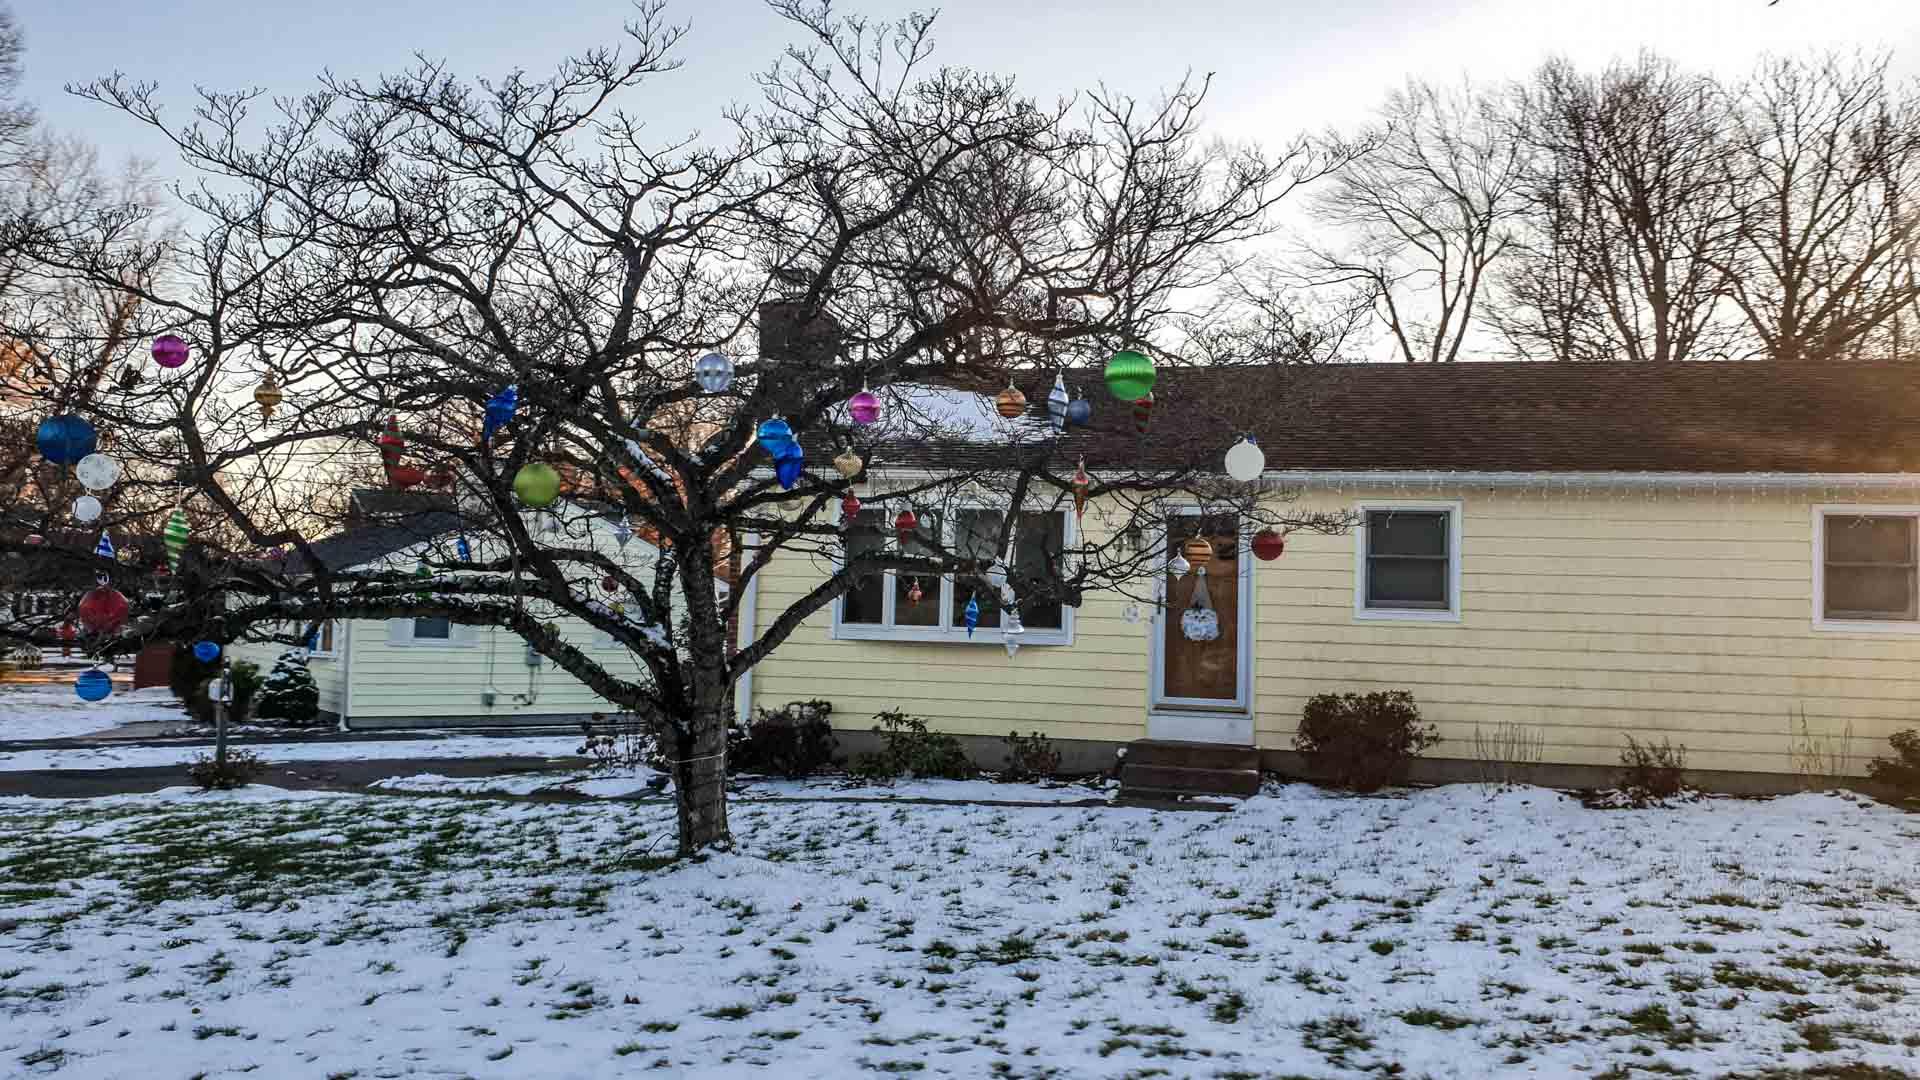 árbore con decoración de Nadal en Milford , Connecticut